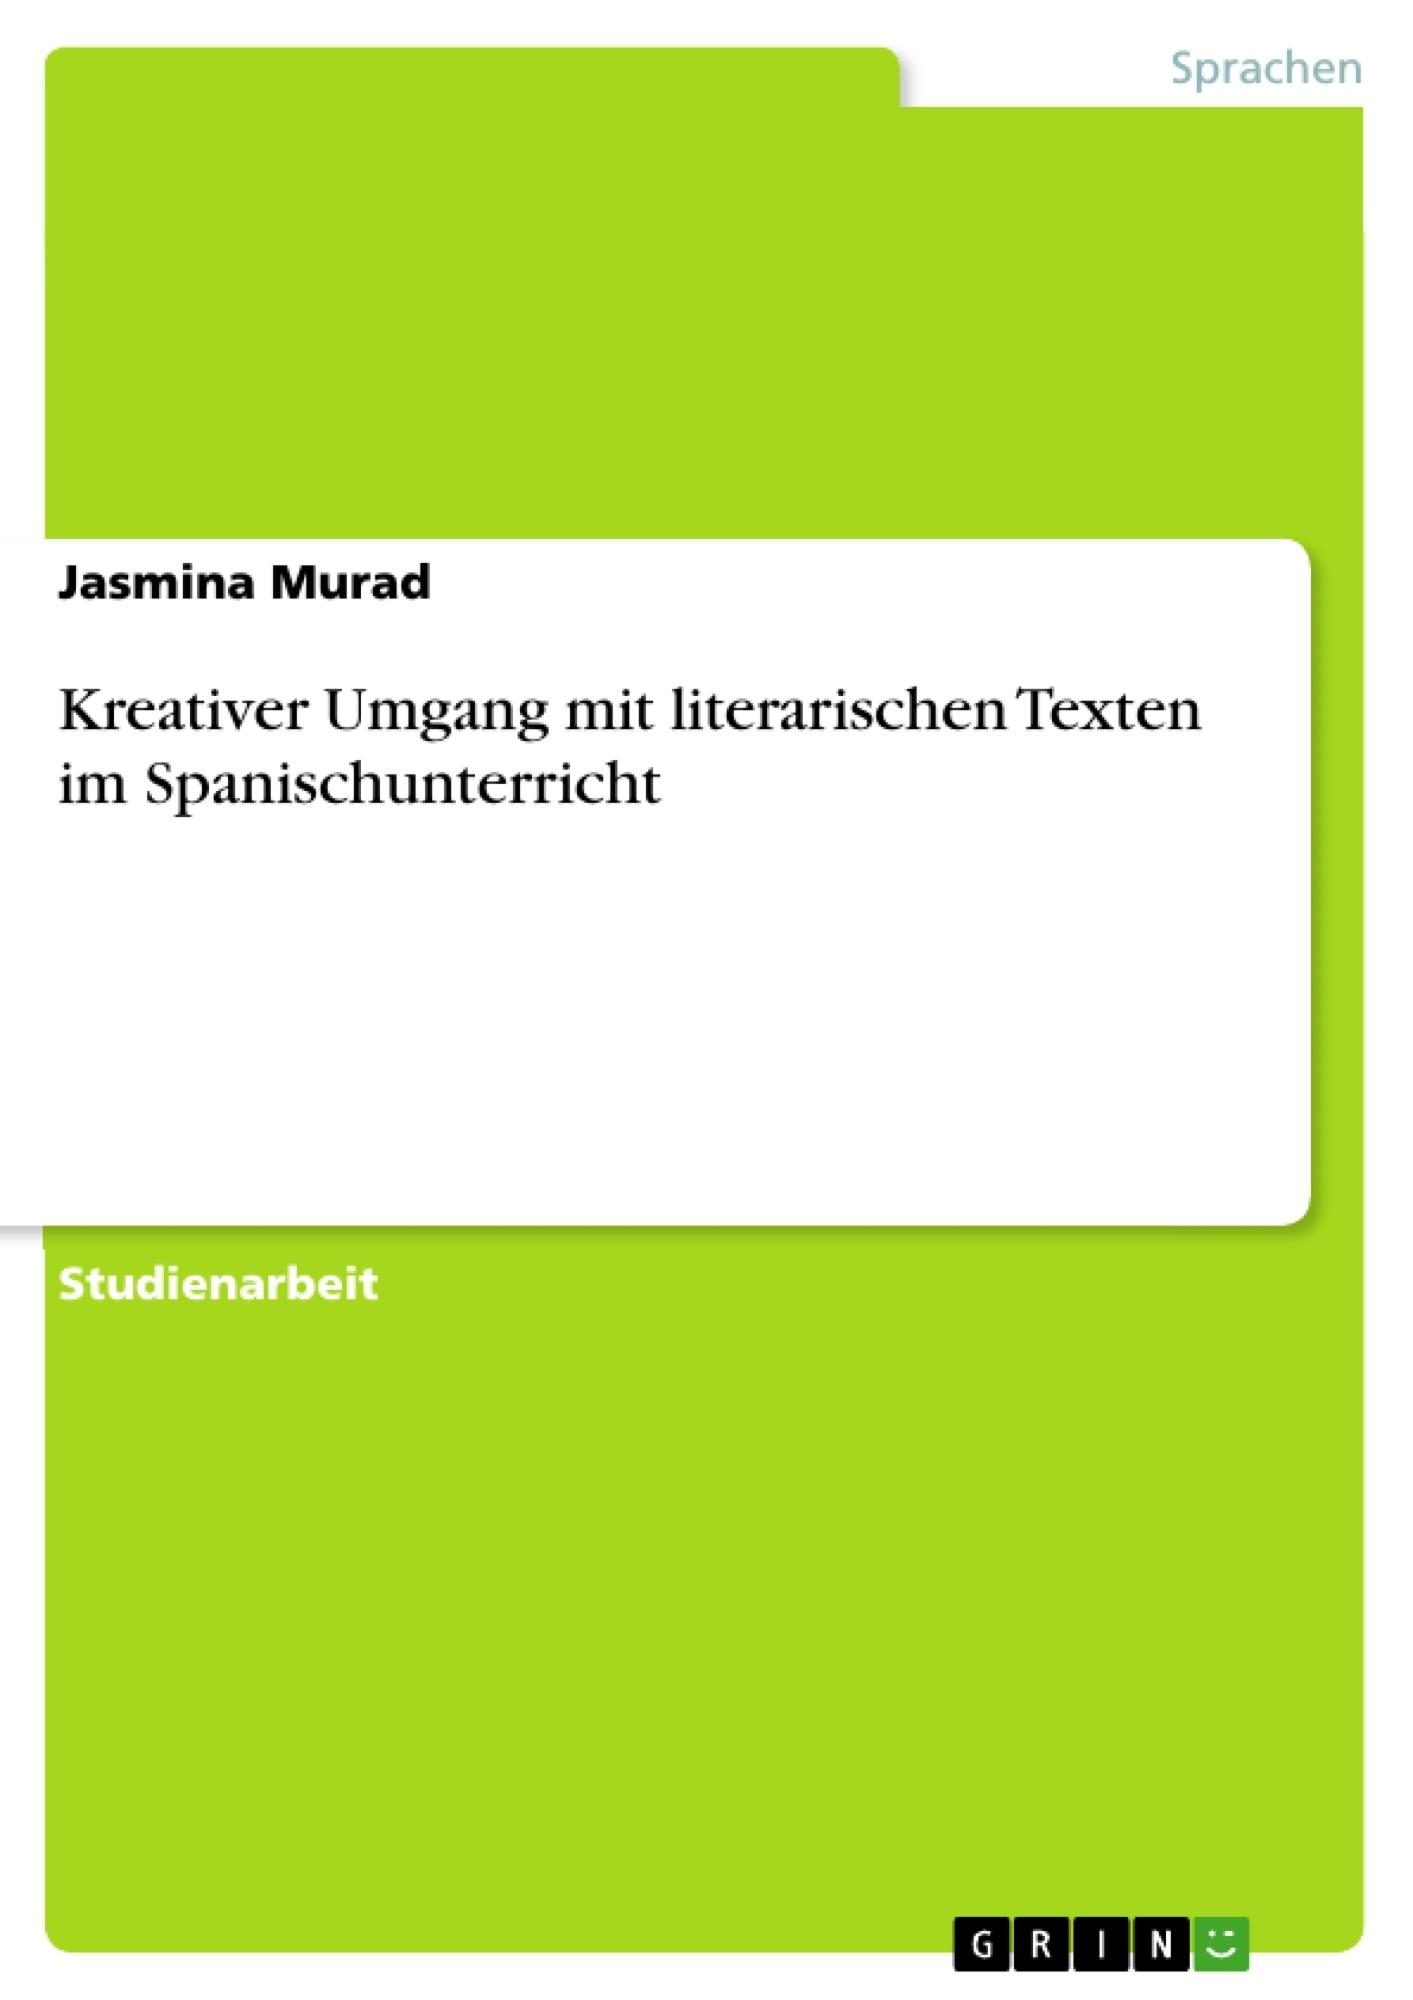 Titel: Kreativer Umgang mit literarischen Texten im Spanischunterricht